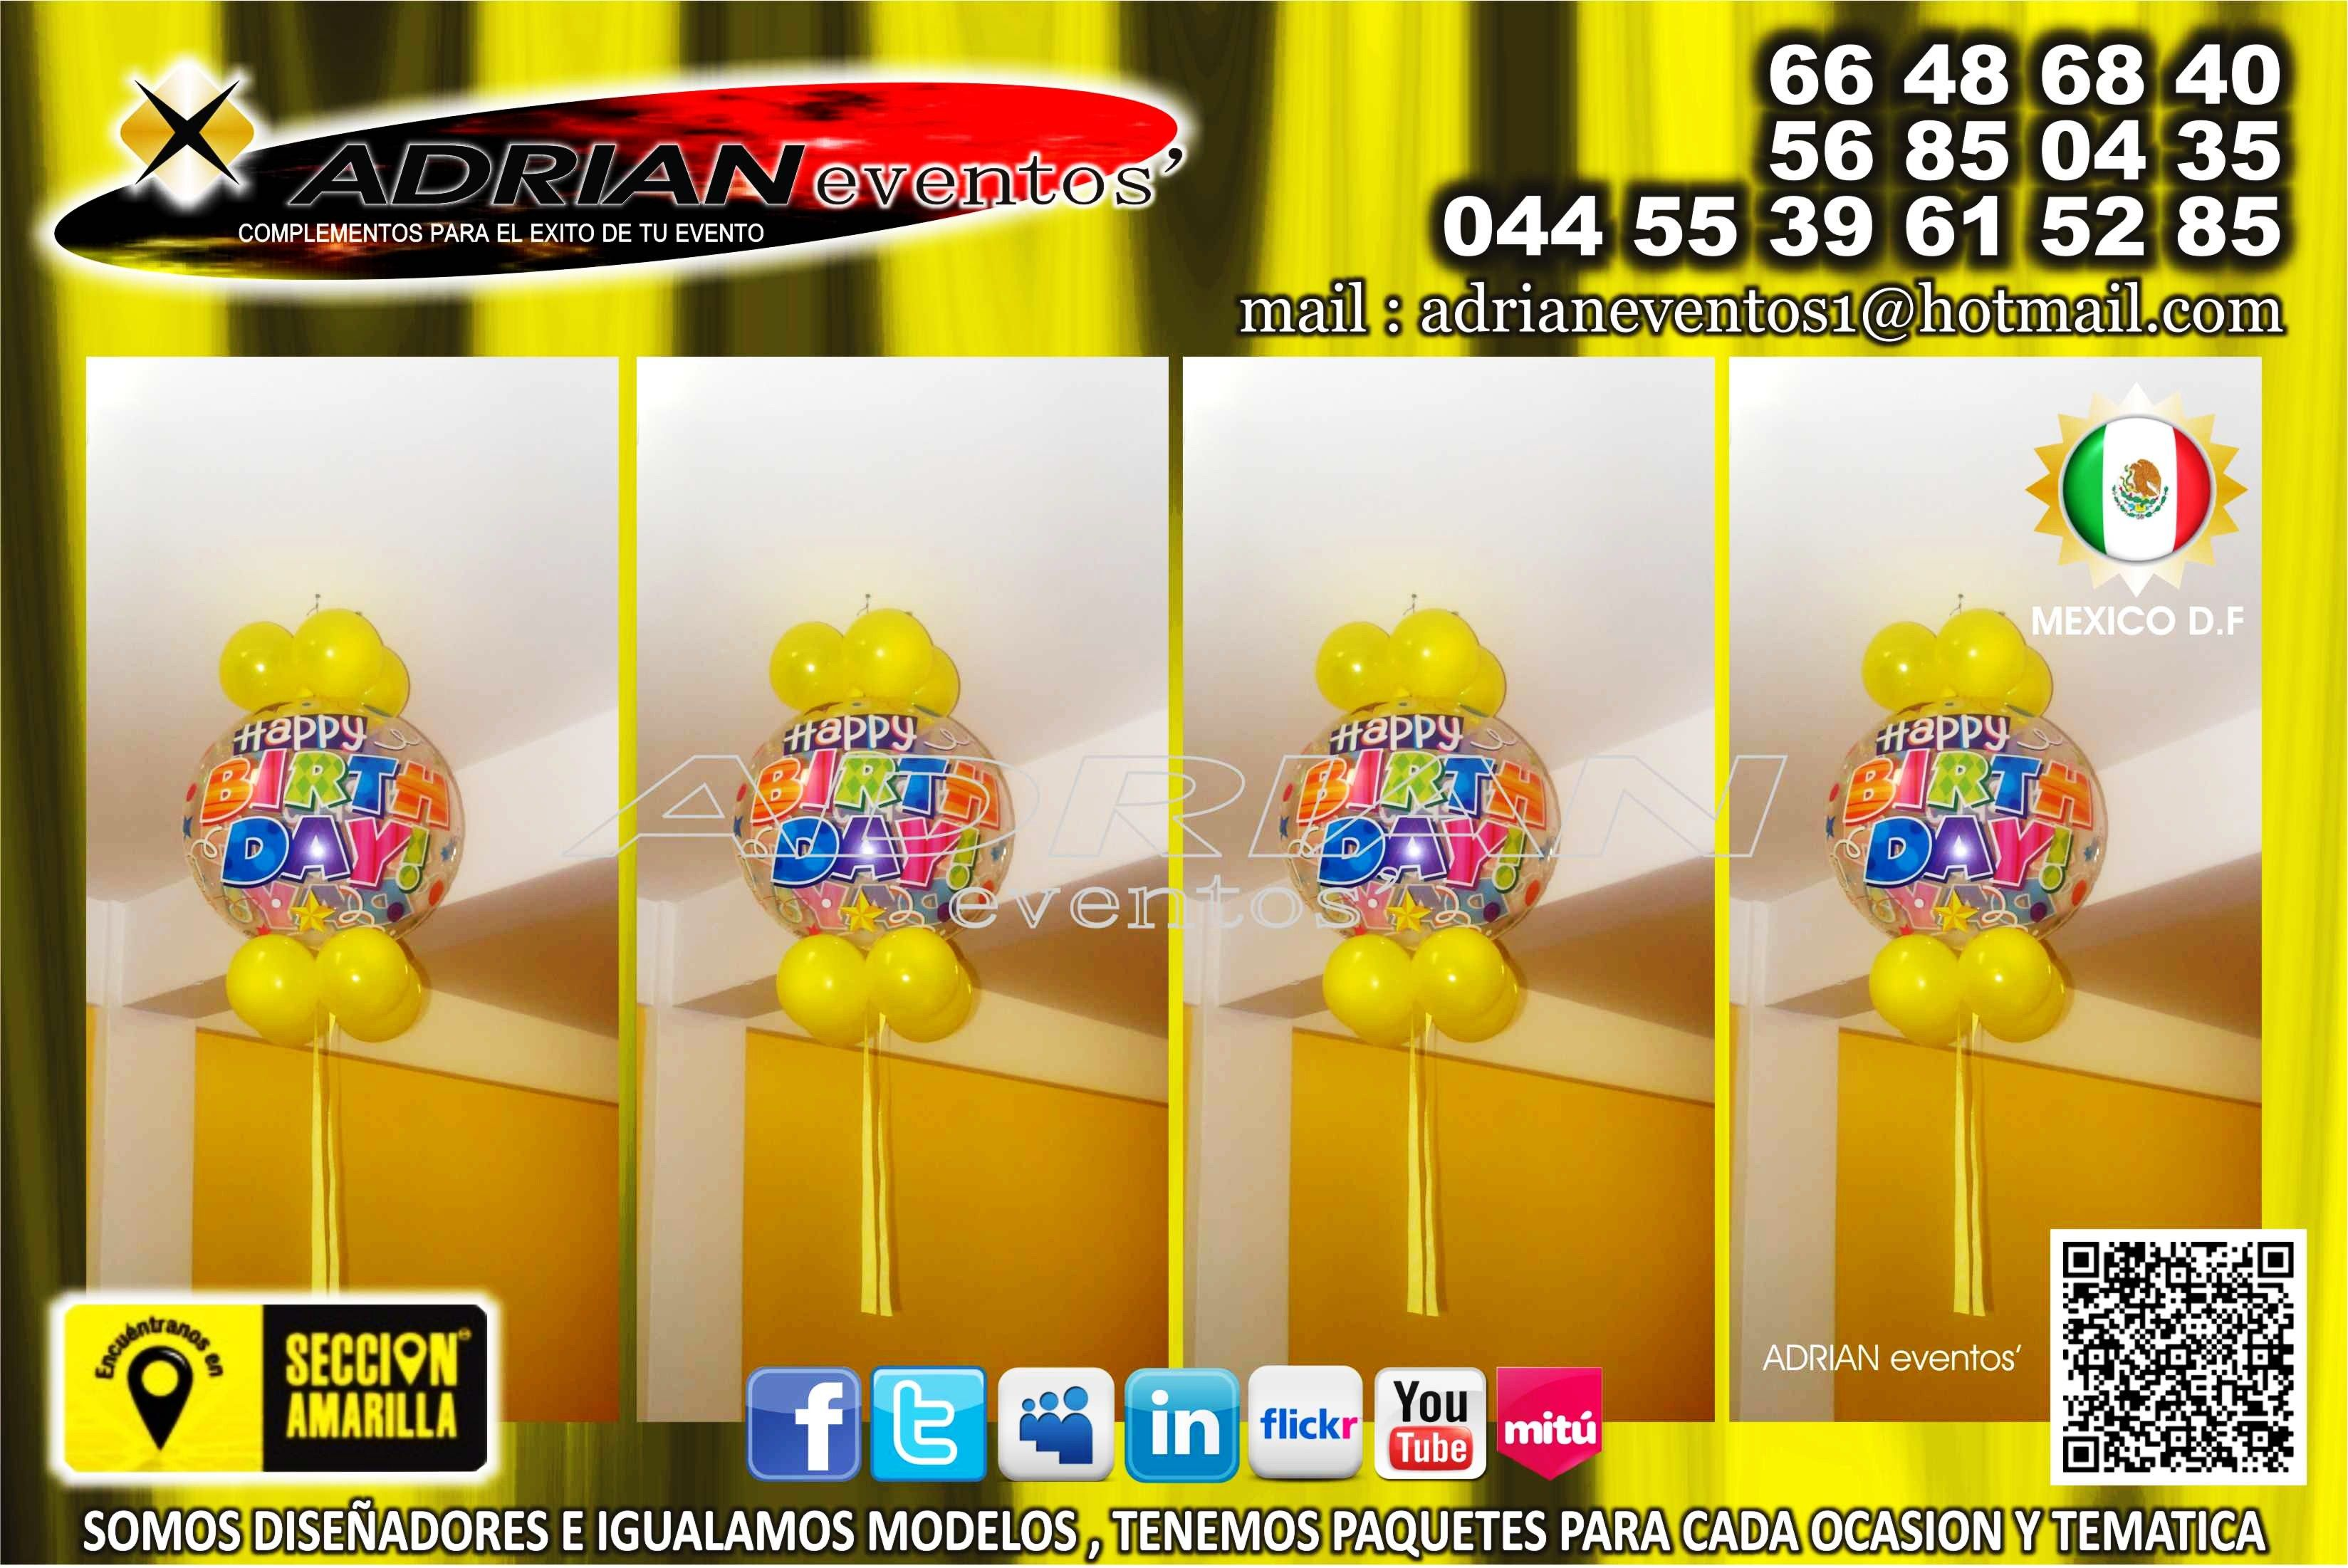 decoracion con globos para fiestas infantiles decoracion de fiestas infantiles decoracion con globos